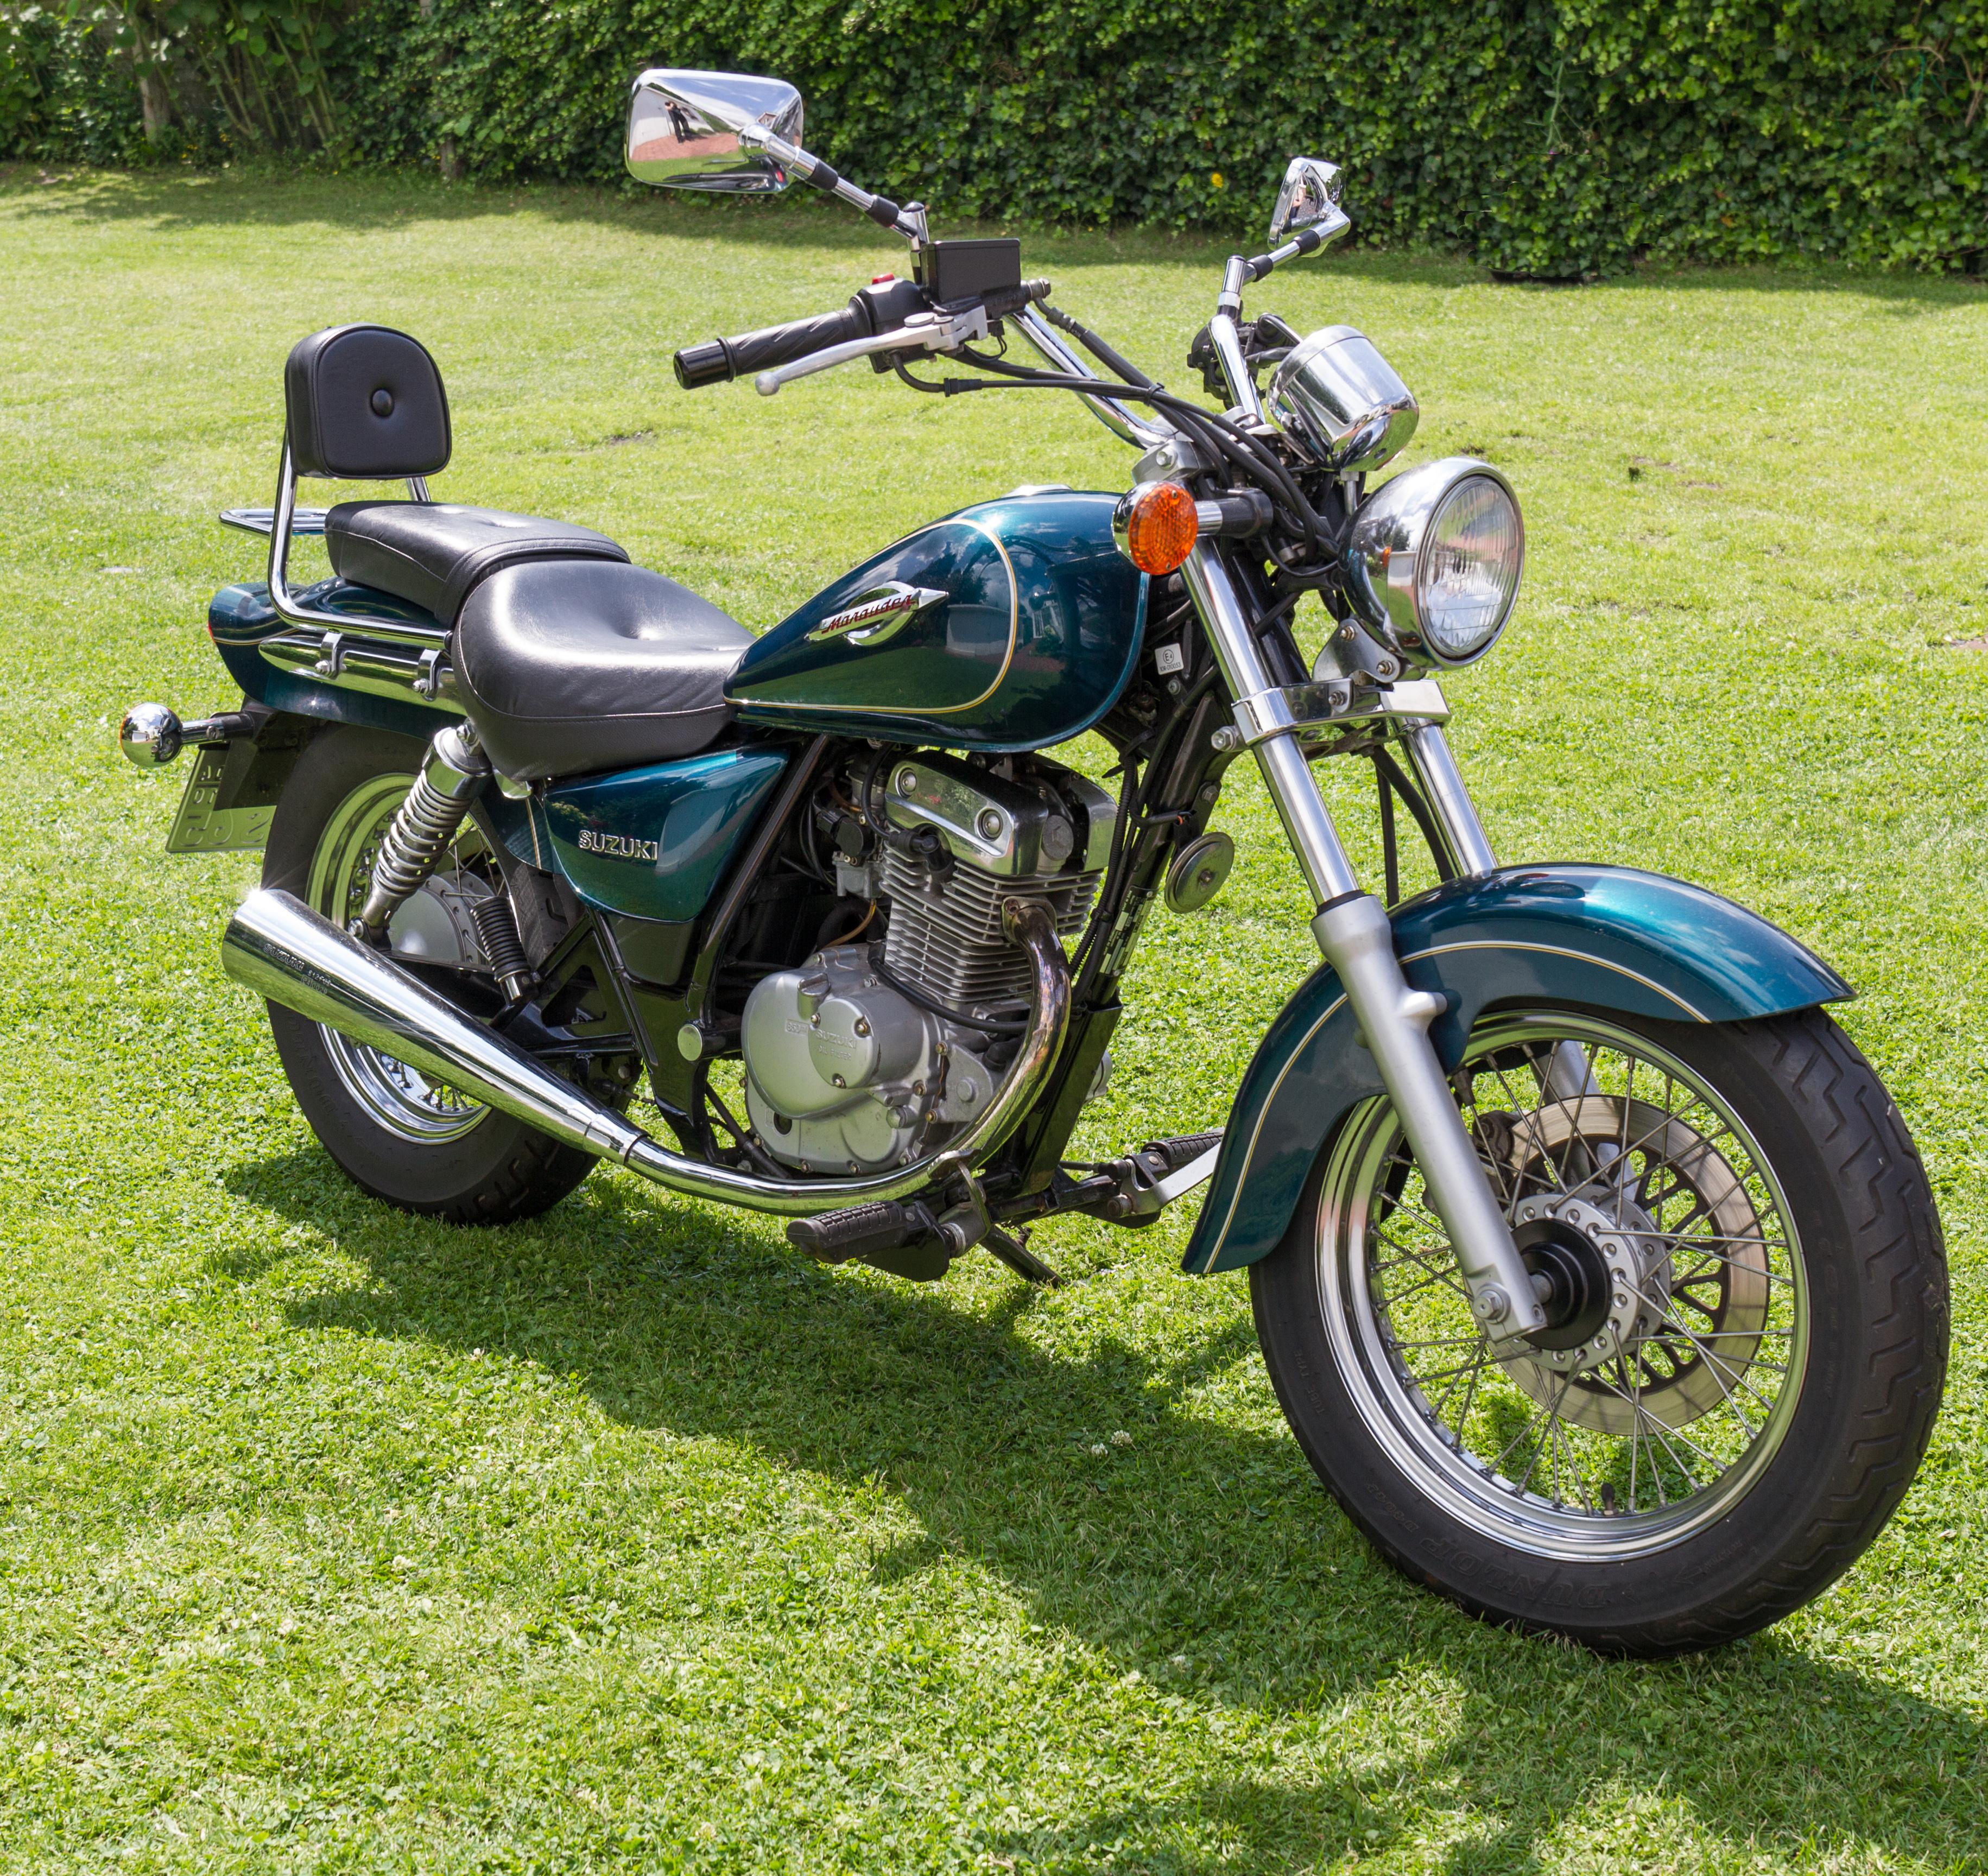 Suzuki Suzuki Marauder 125 - Moto.ZombDrive.COM